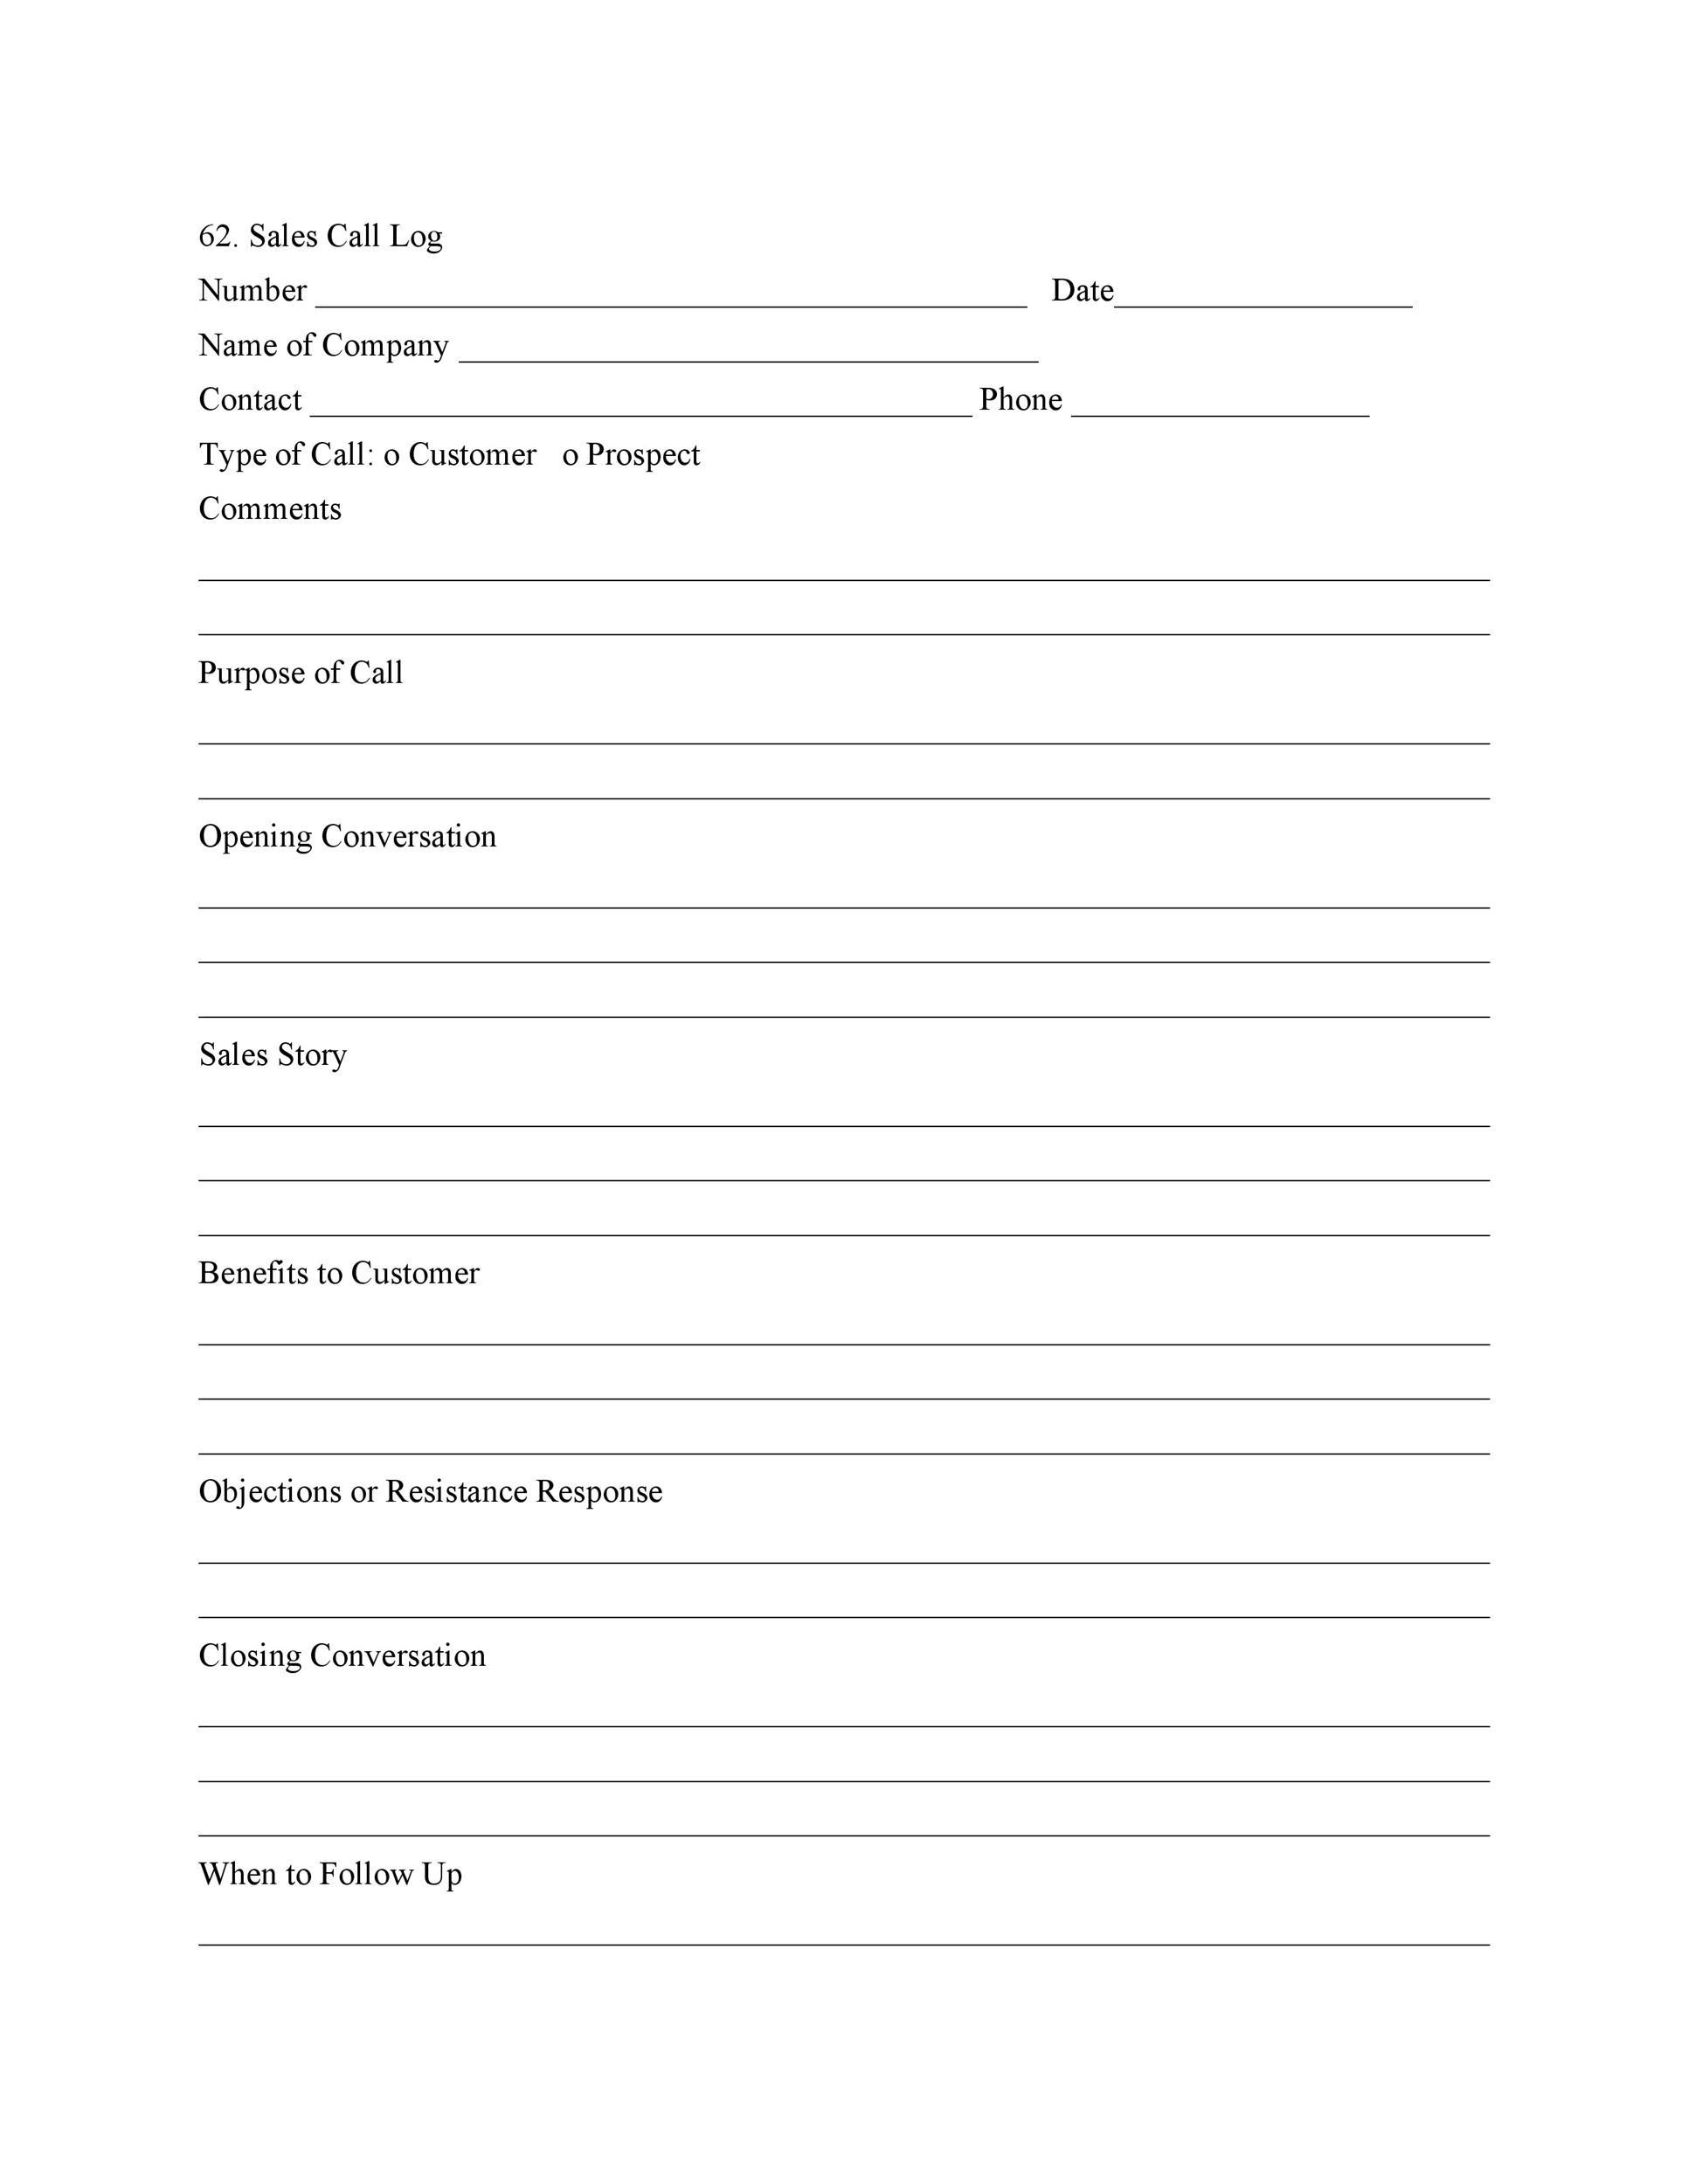 Free call log template 14